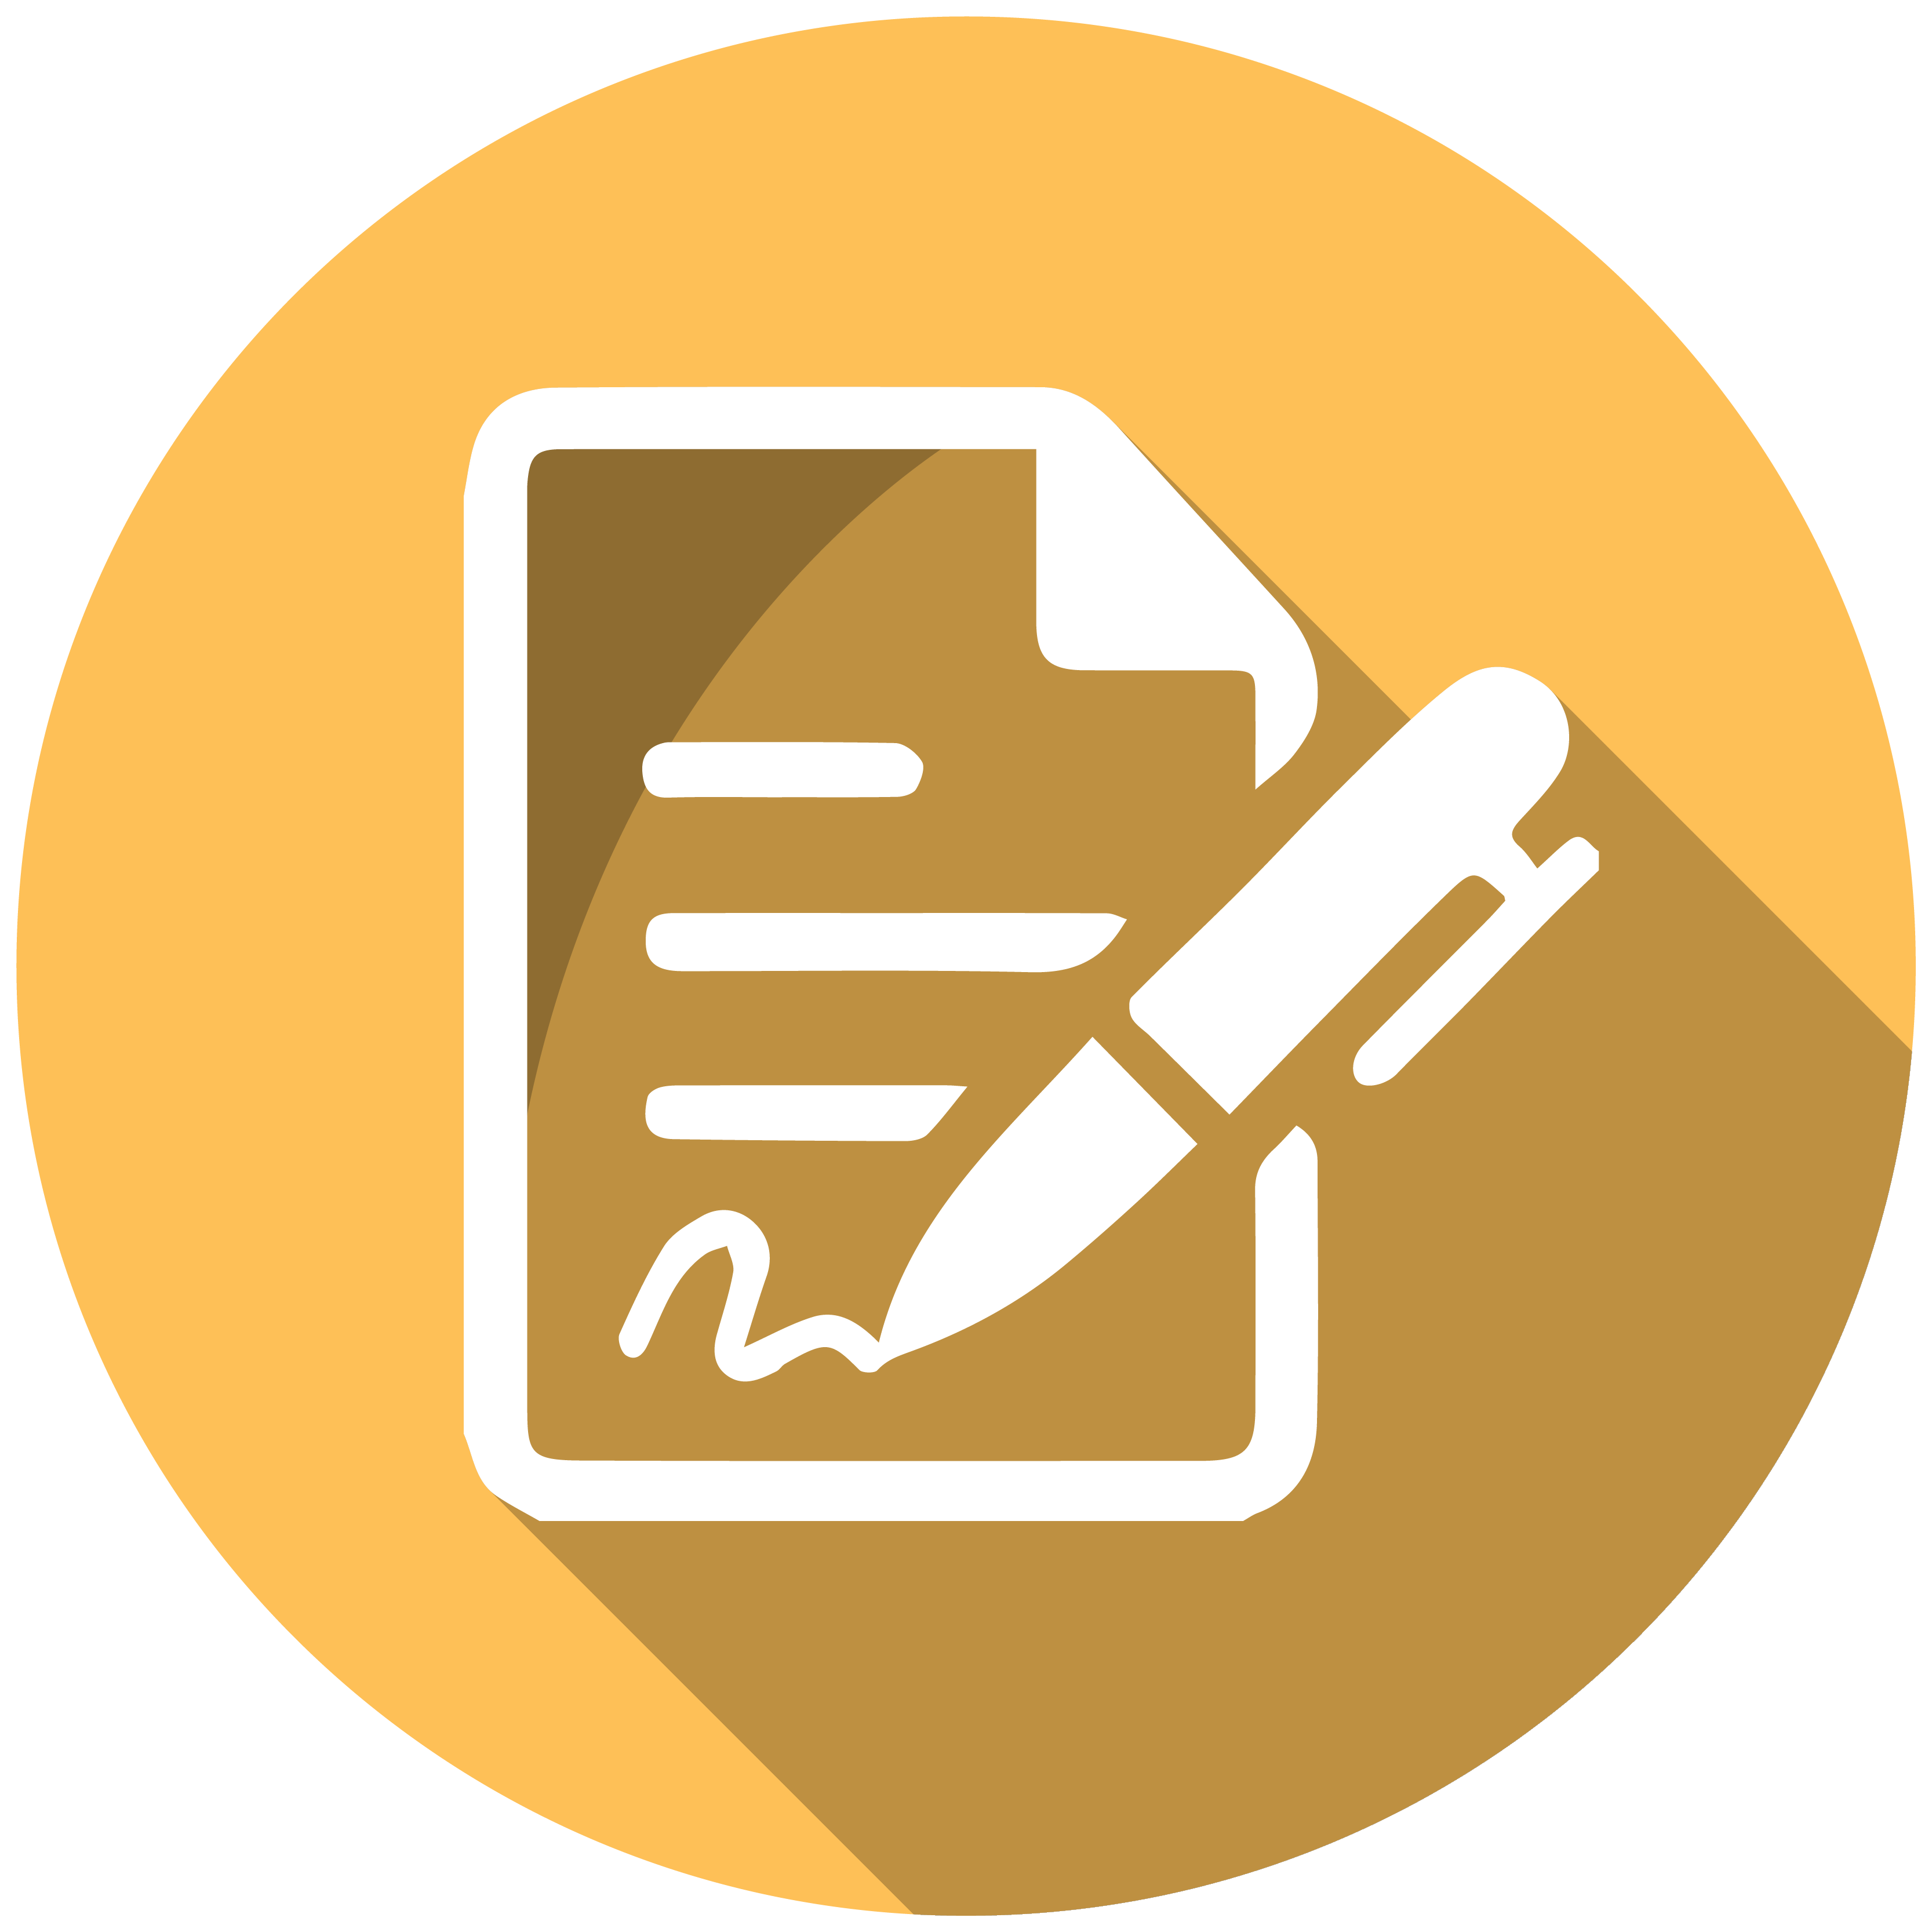 برترین پکیج پرسشنامه شایستگی مربی - دانلود فایل